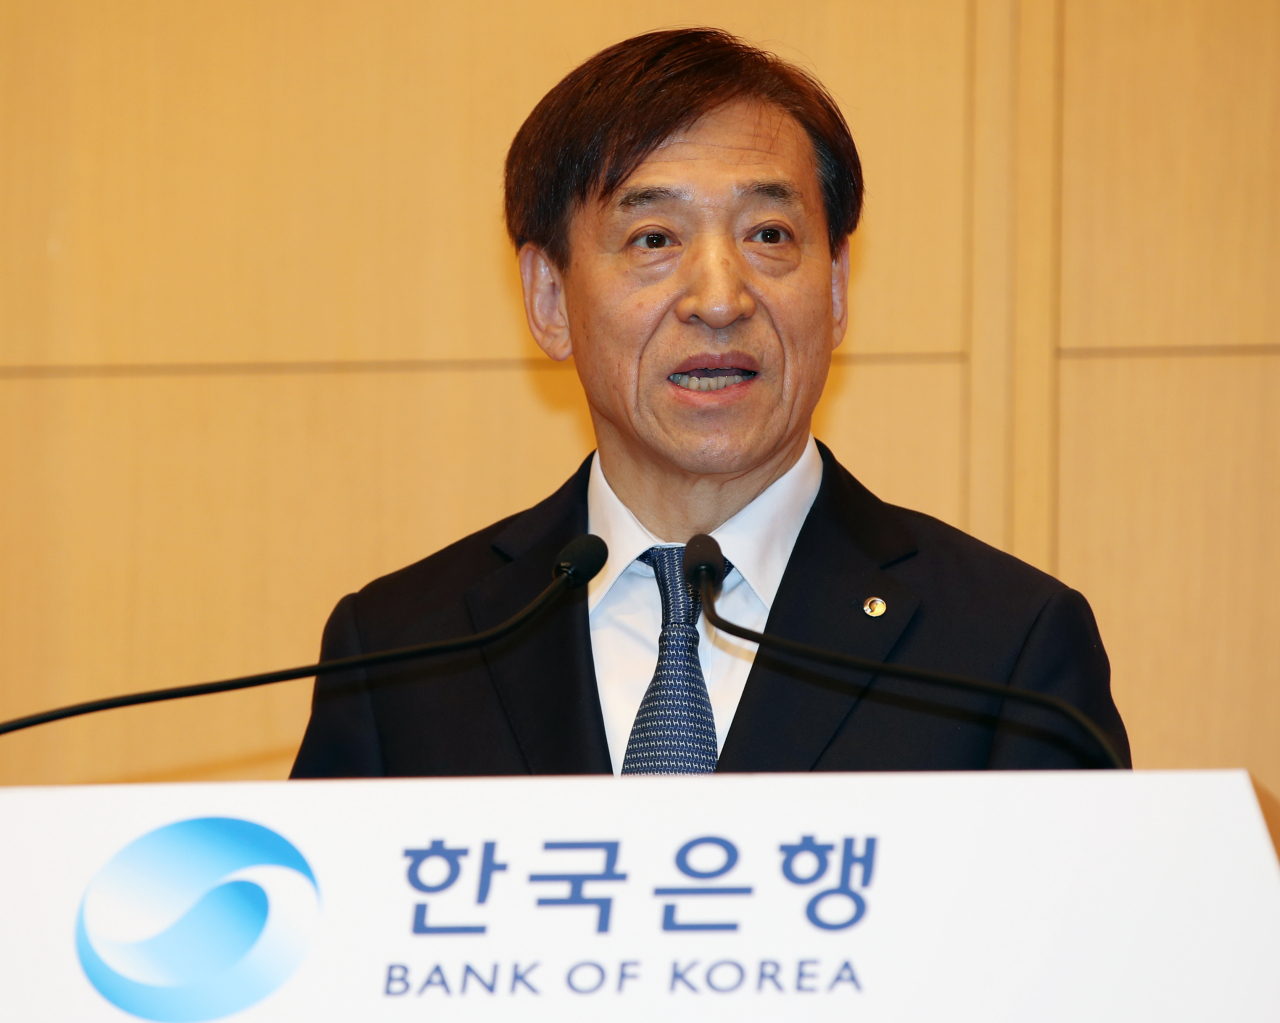 Bank of Korea Gov. Lee Ju-yeol. (Yonhap)